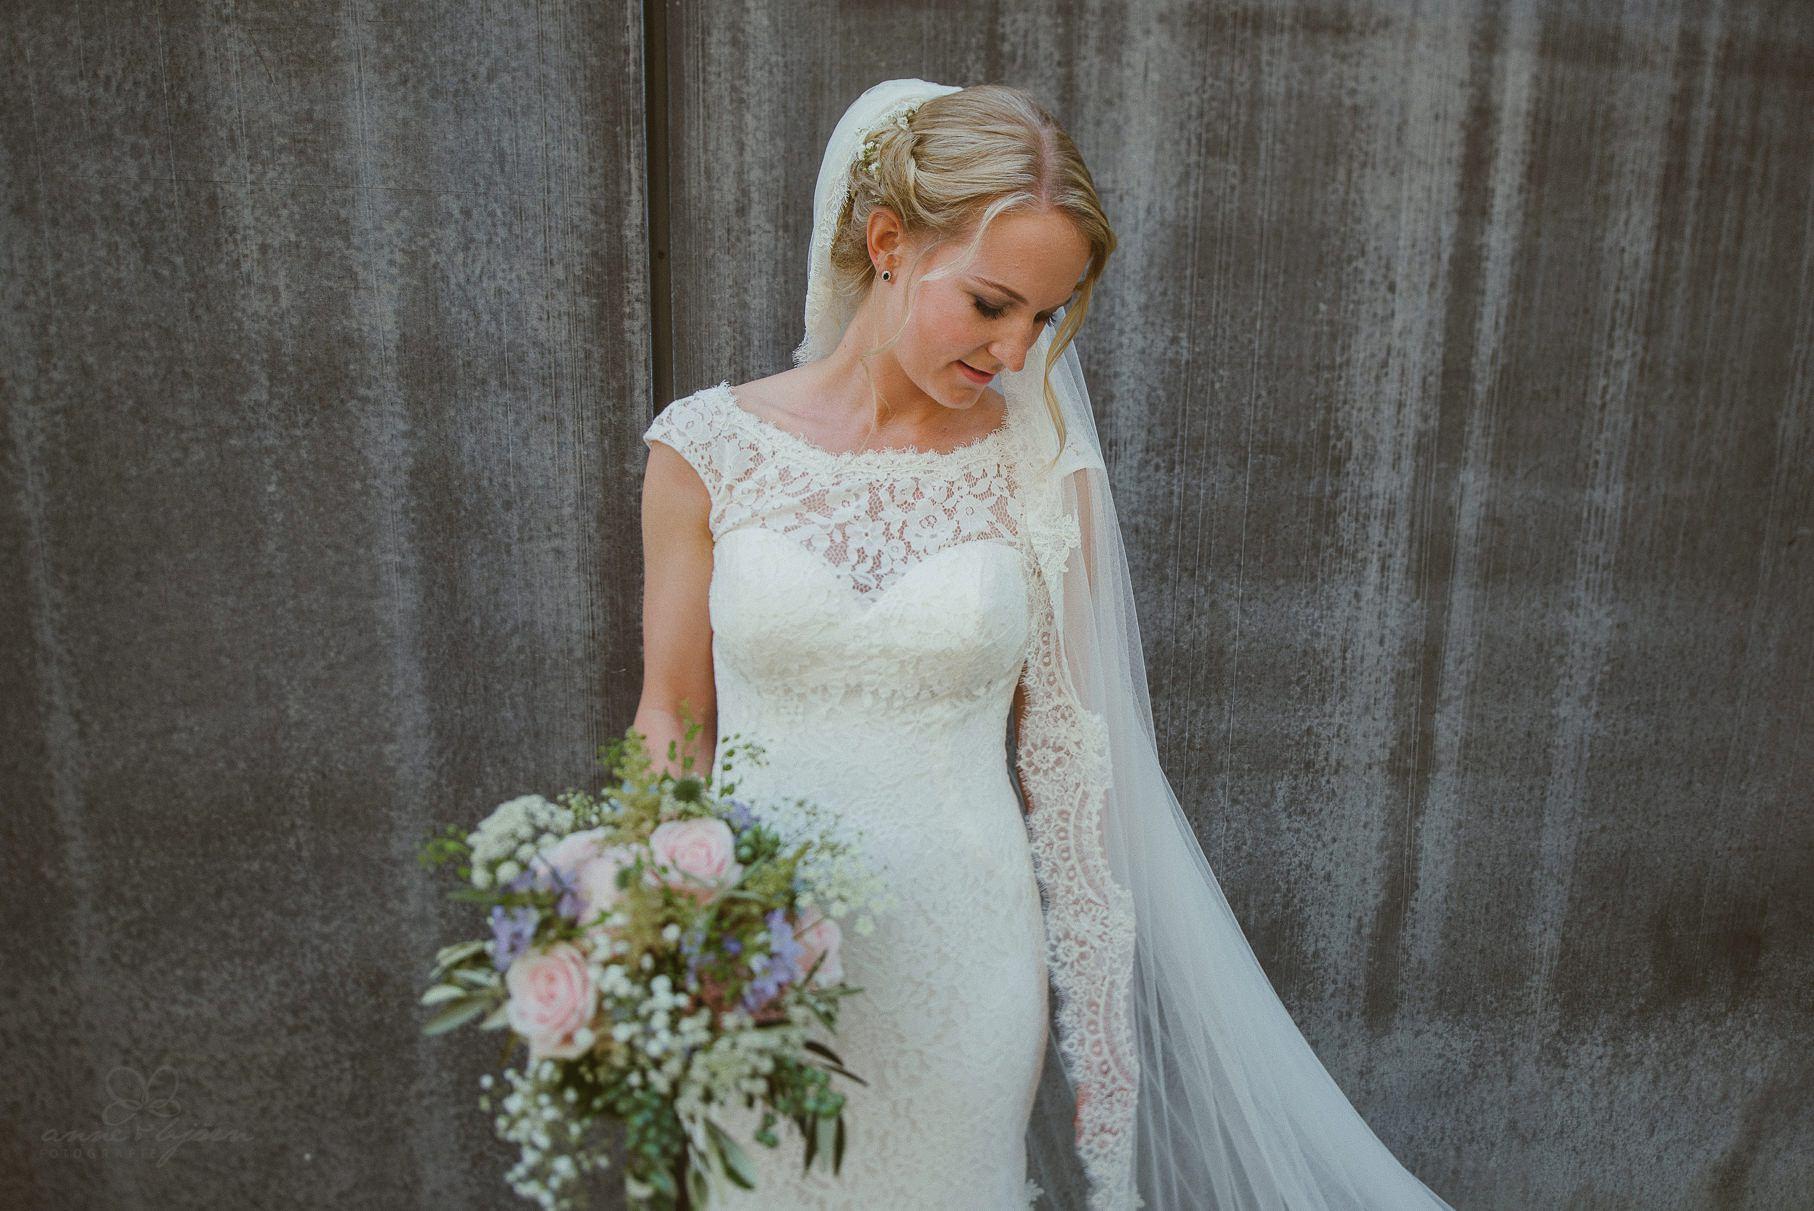 0029 anne und bjoern hochzeit schweiz d75 9799 - DIY Hochzeit in der Schweiz - Sabrina & Christoph